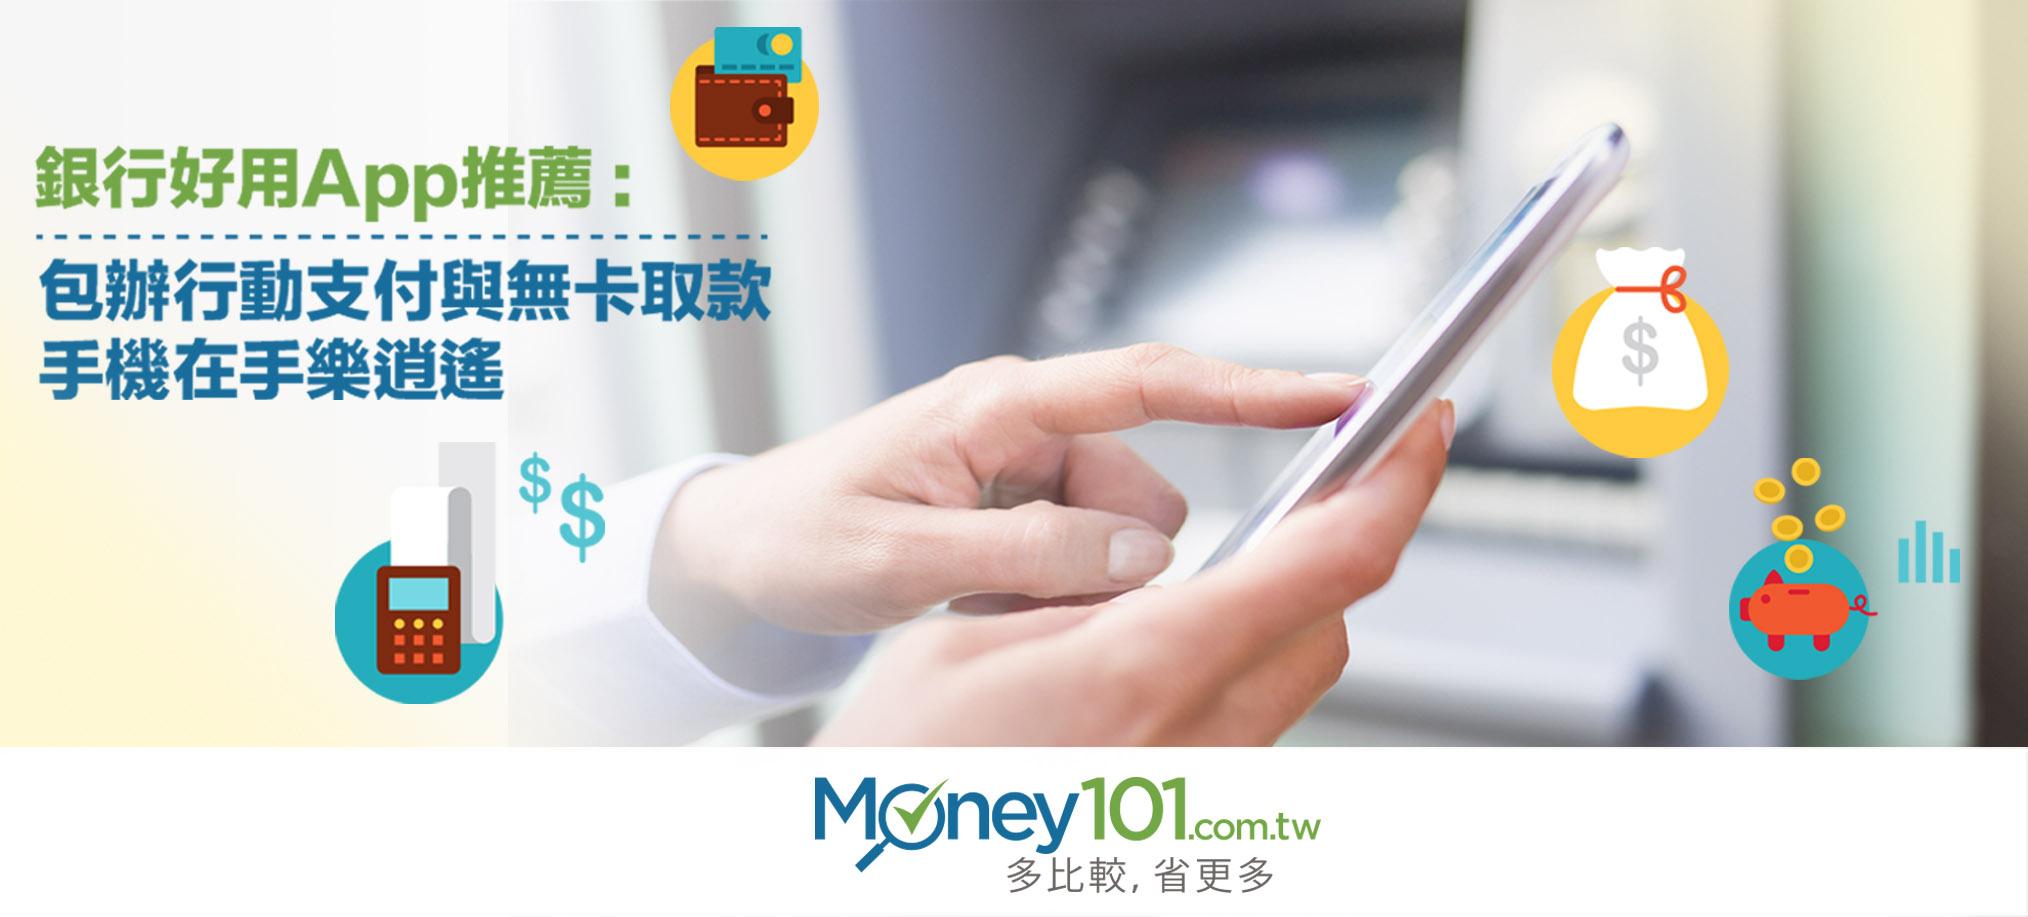 【新聞稿】銀行 App 包辦支付與無卡取款,一機在手便利滿分